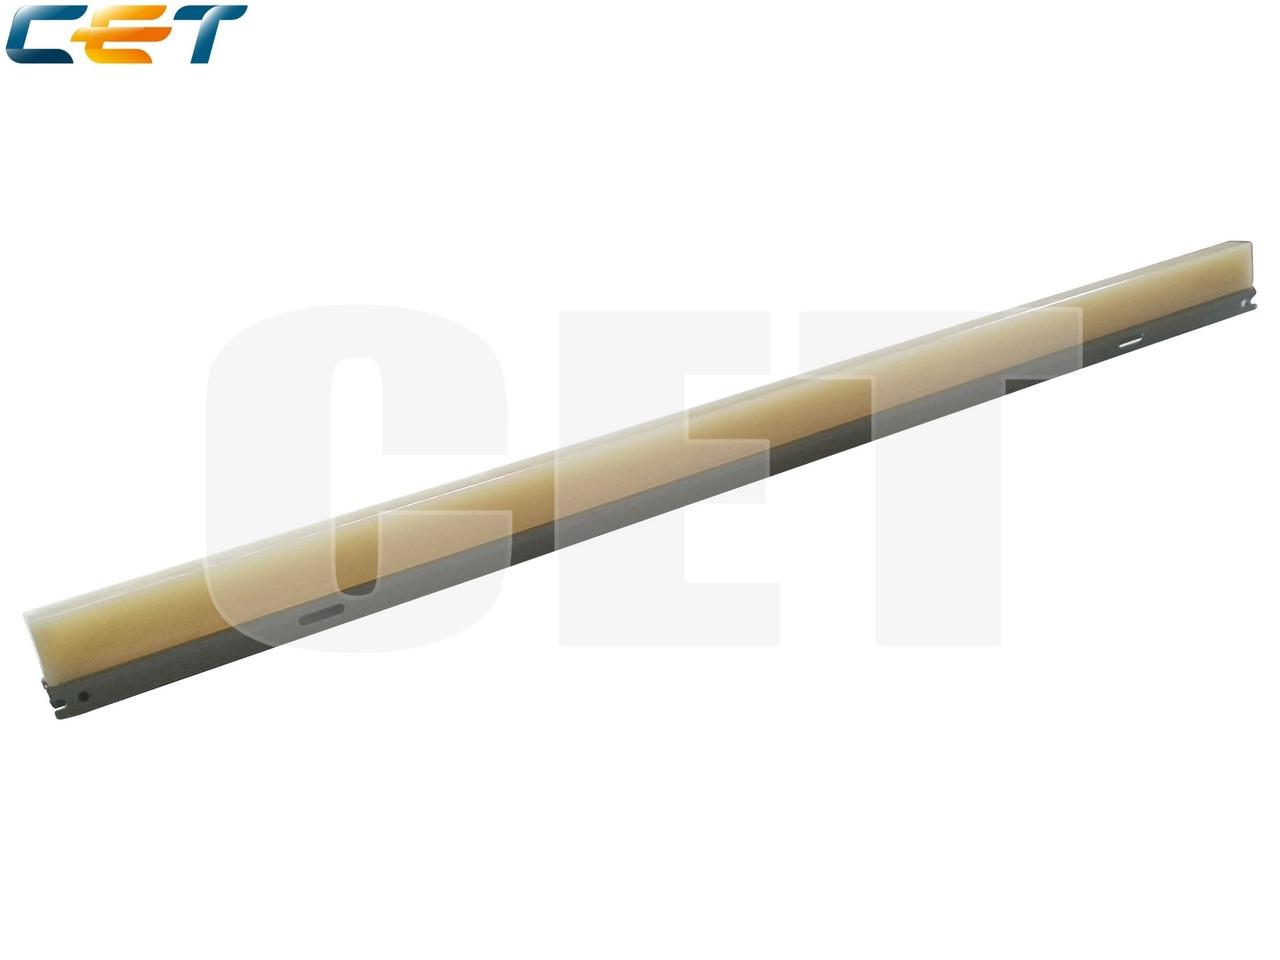 Смазывающая пластина барабана для RICOHMPC3003/3503/4503/5503/6003 (CET) CMY, CET6324